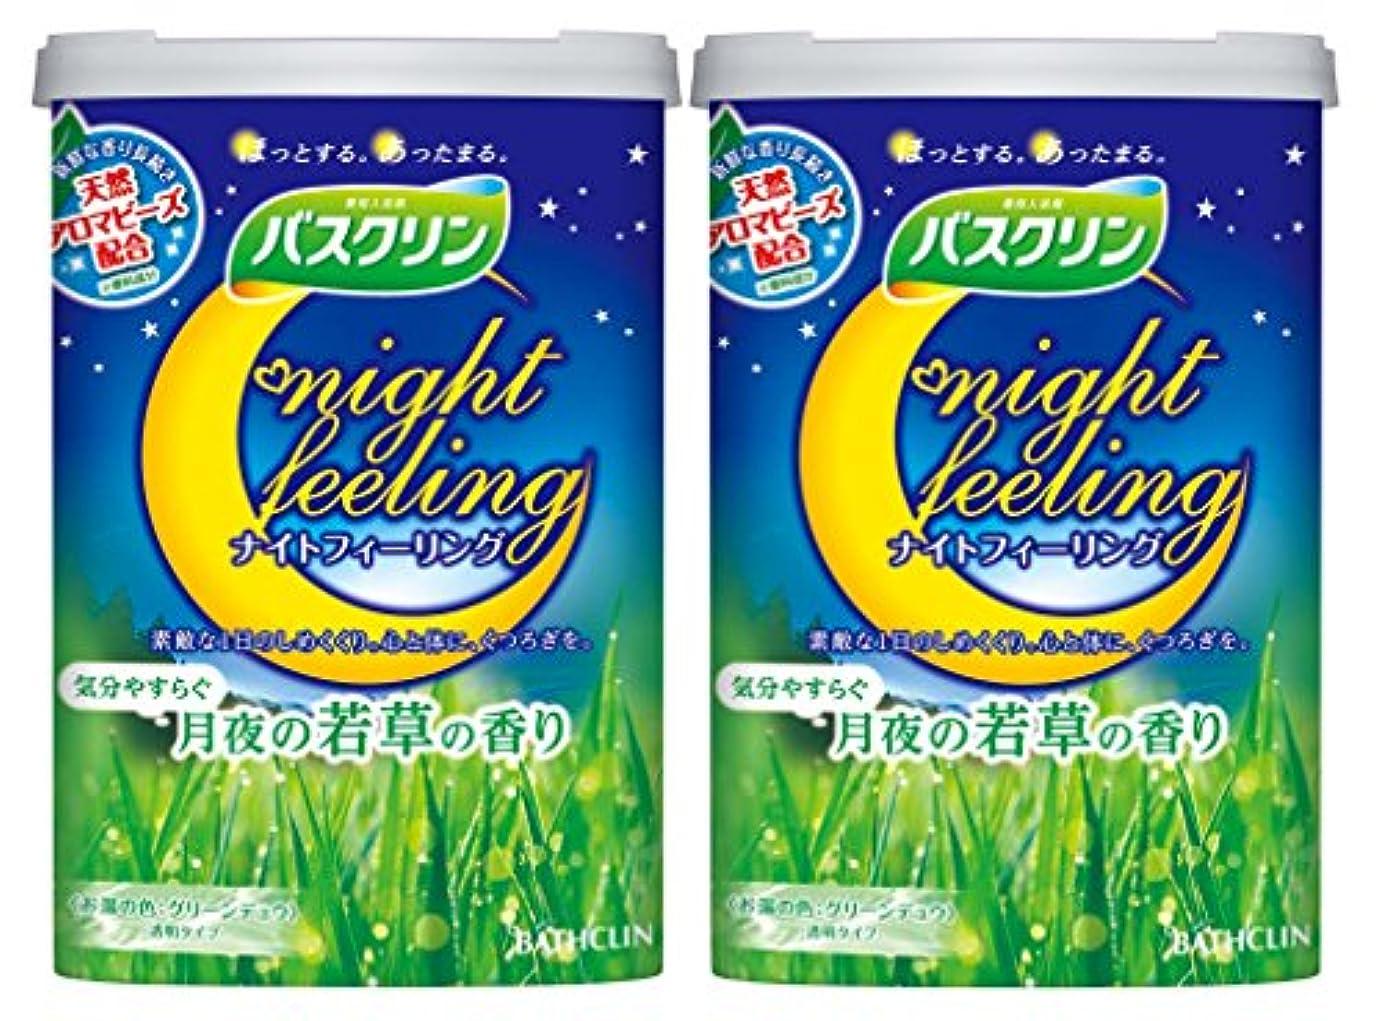 信号助けて選択する【セット品】バスクリン ナイトフィーリング 気分やすらぐ月夜の若草の香り 600g 入浴剤 (医薬部外品) 2個セット